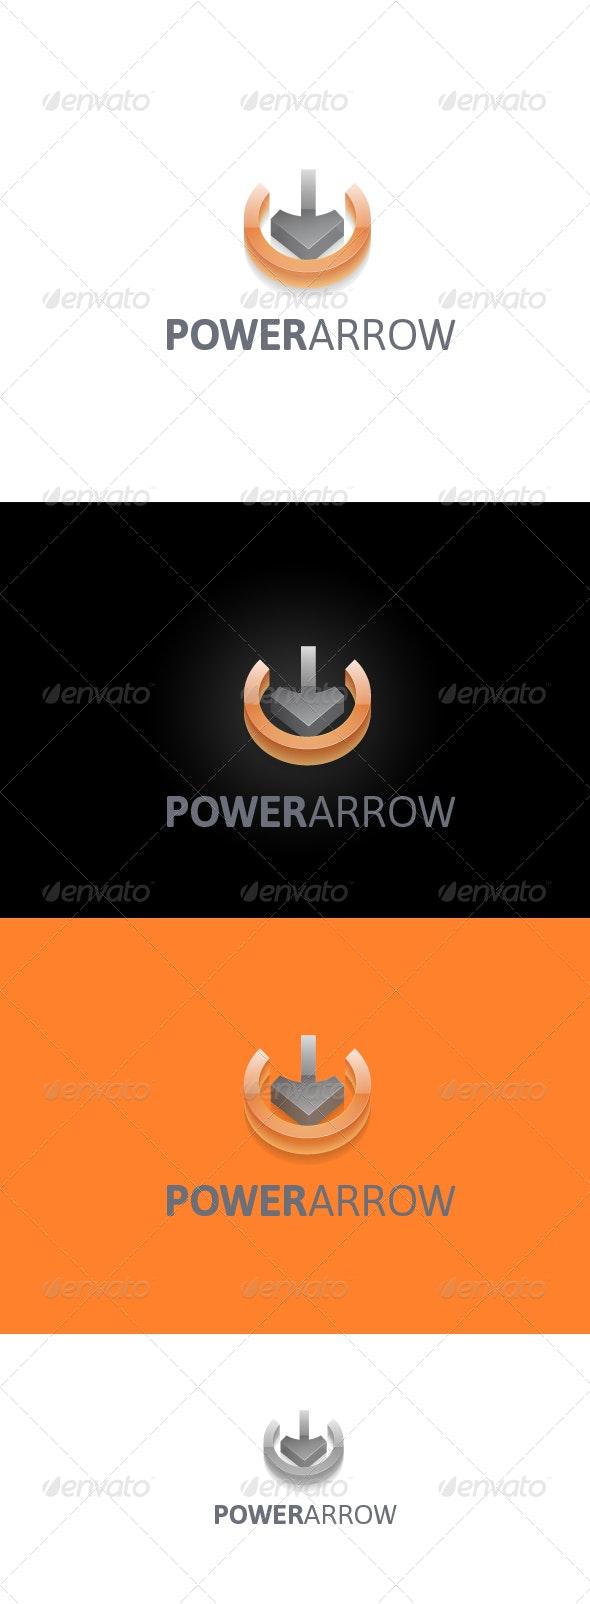 PowerArrow - 3d Abstract